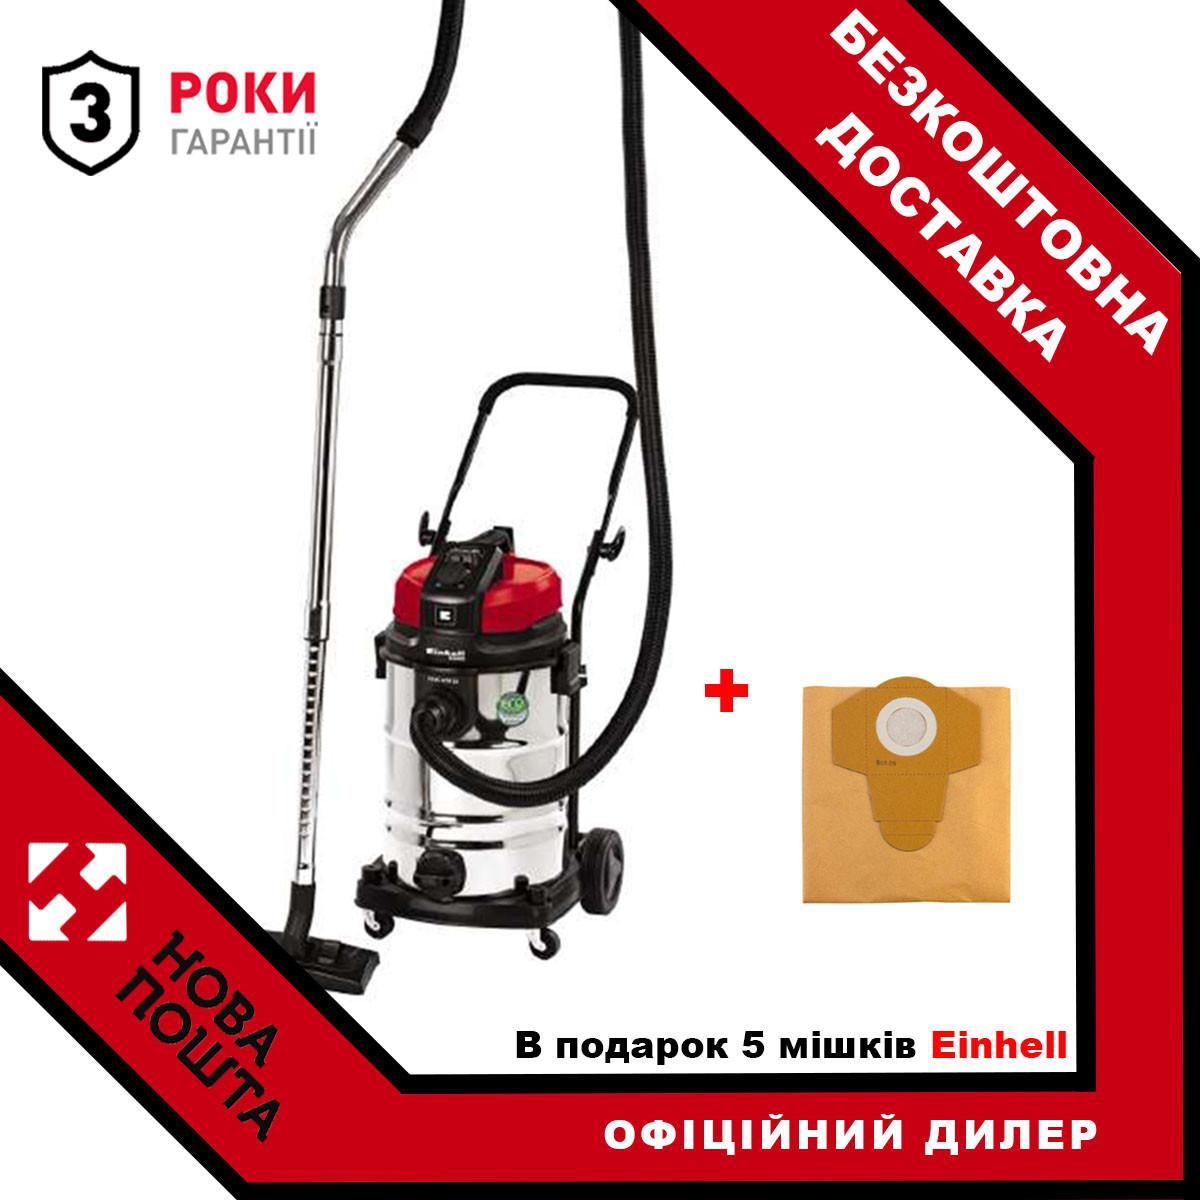 Вакуумный пылесос Einhell TE-VC 2230 SA New + в подарок 5 мішків Einhell!